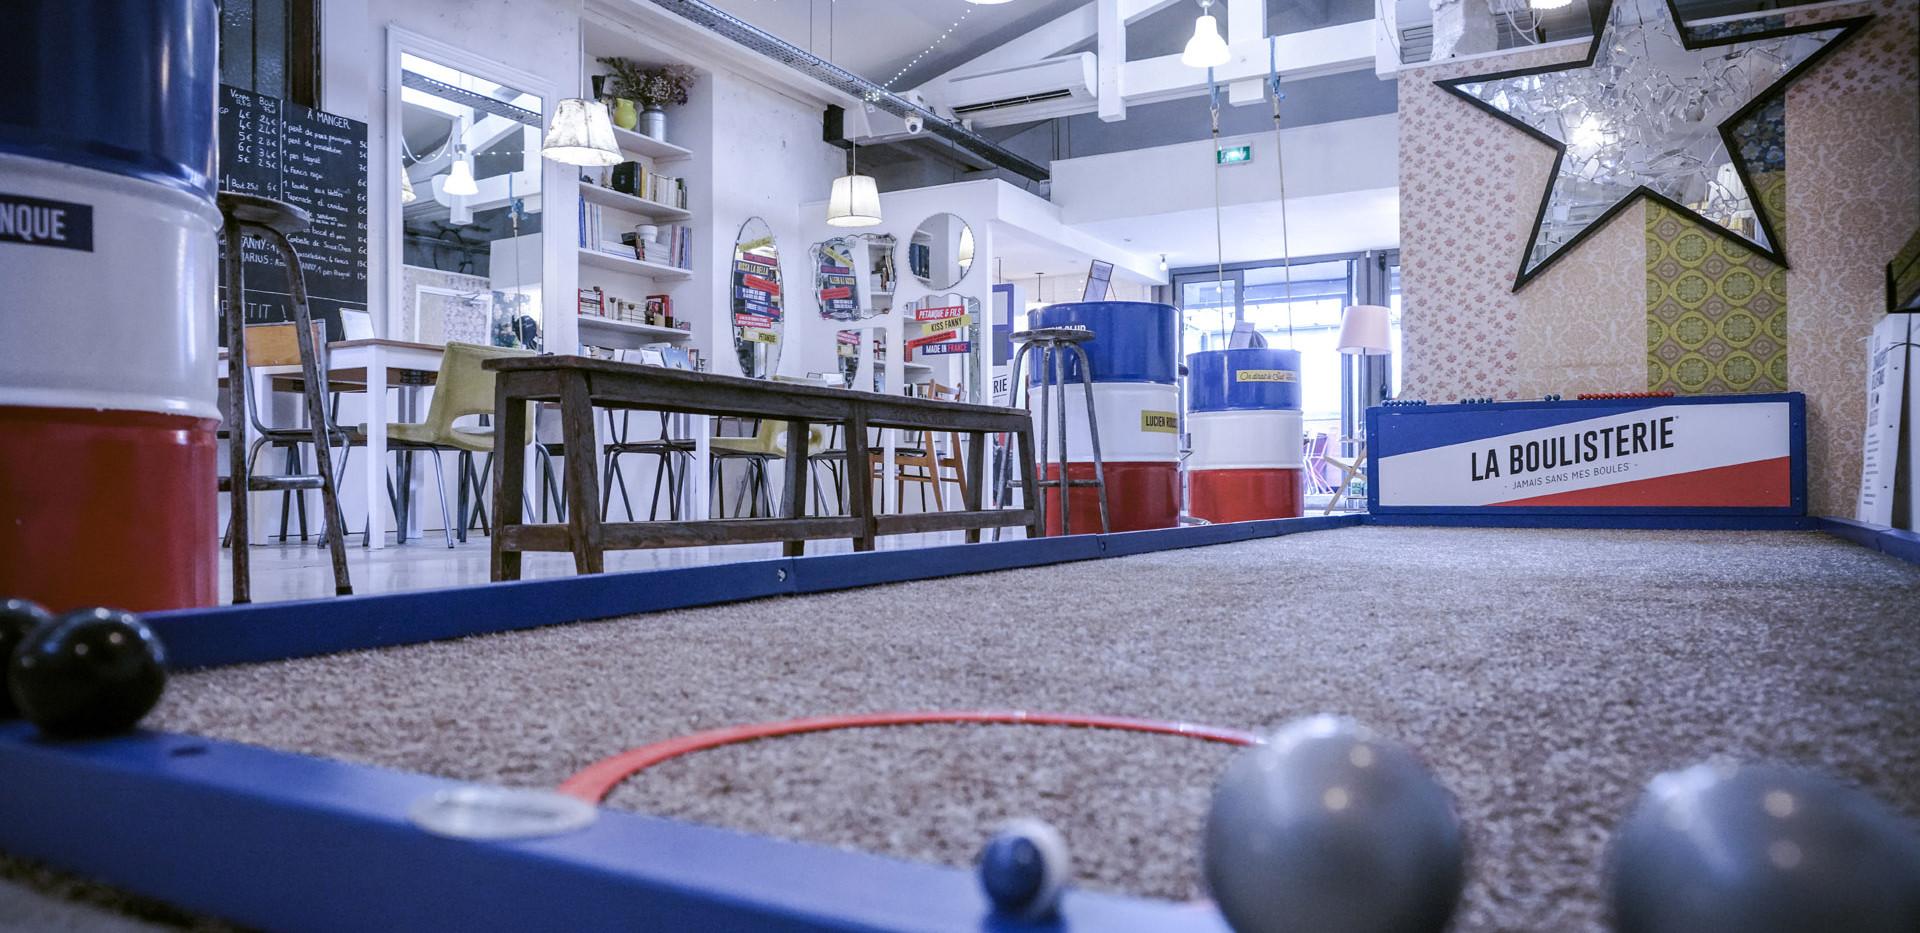 LA BOULISTERIE CLUB Bar à boules